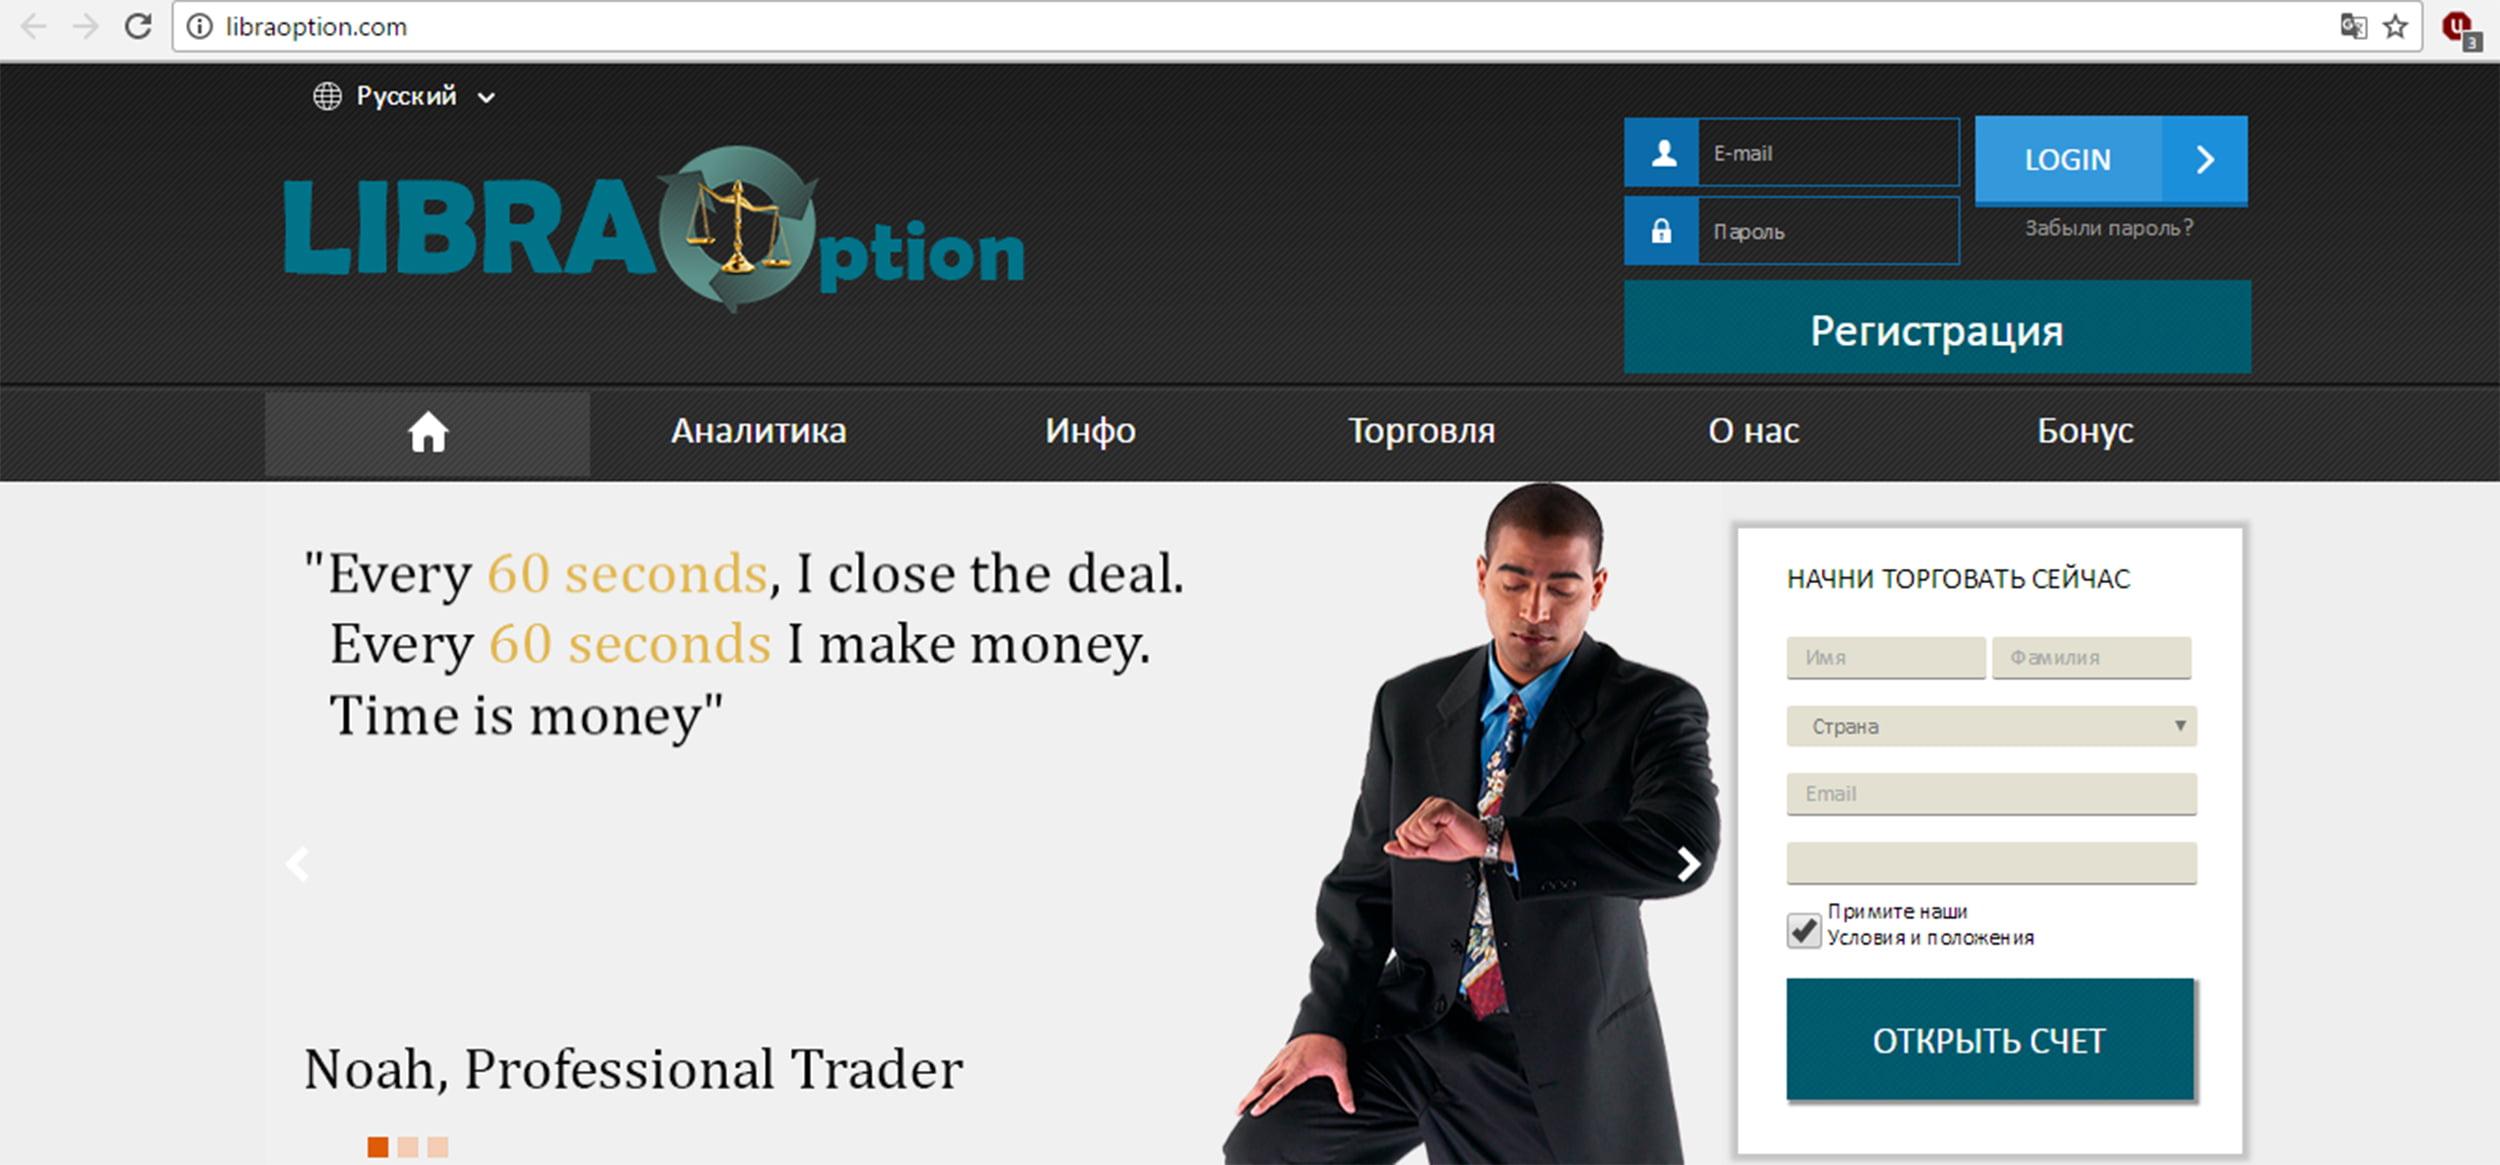 Обзор брокера LibraOption.com. Отзывы трейдеров и технические возможности